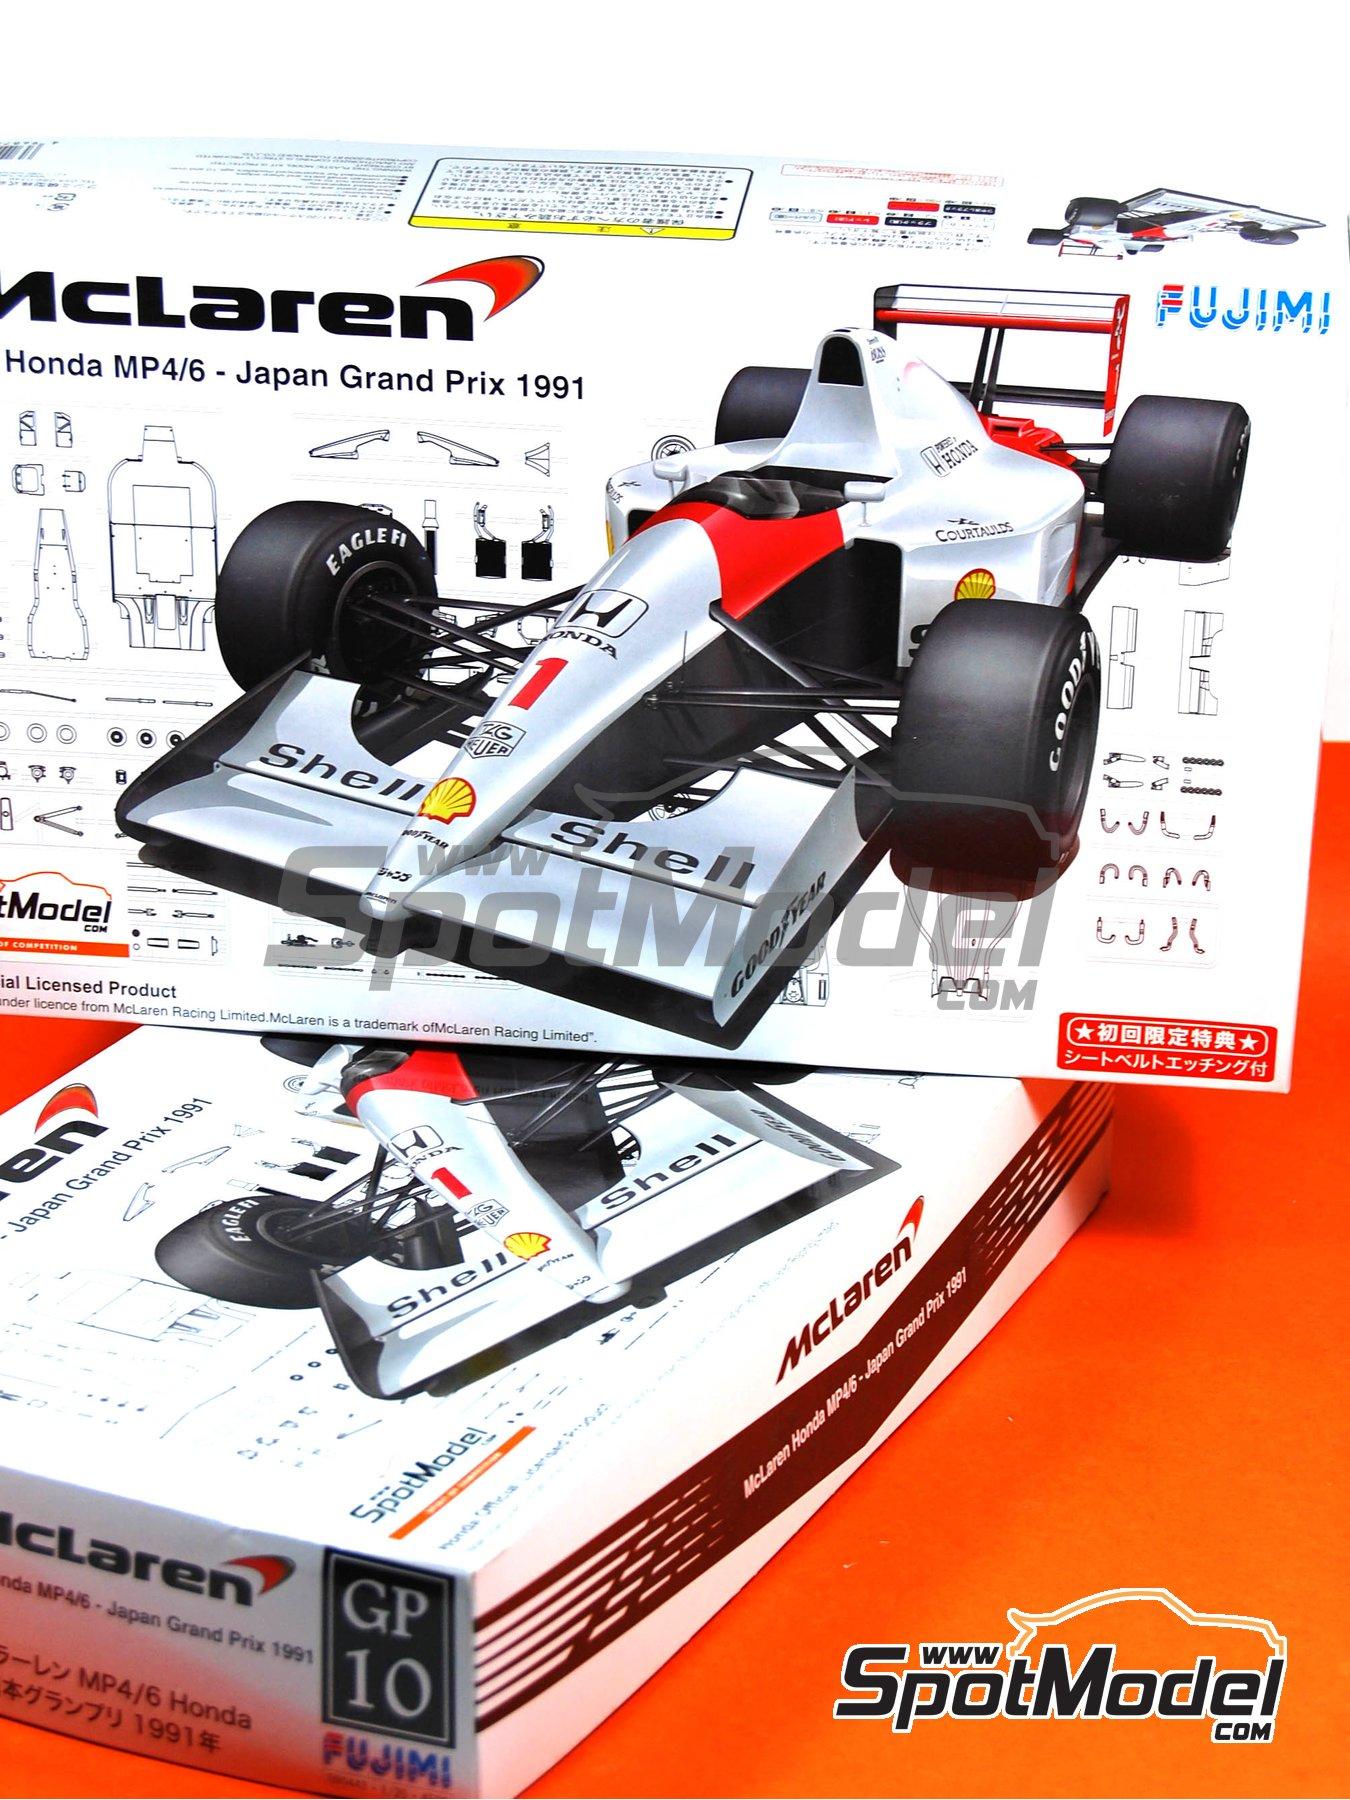 McLaren Honda MP4/6 Shell - Gran Premio de Fórmula 1 de Japón 1991 | Maqueta de coche en escala1/20 fabricado por Fujimi (ref.FJ090443, tambien 09044, GP10, 090443 y FJ09044) image